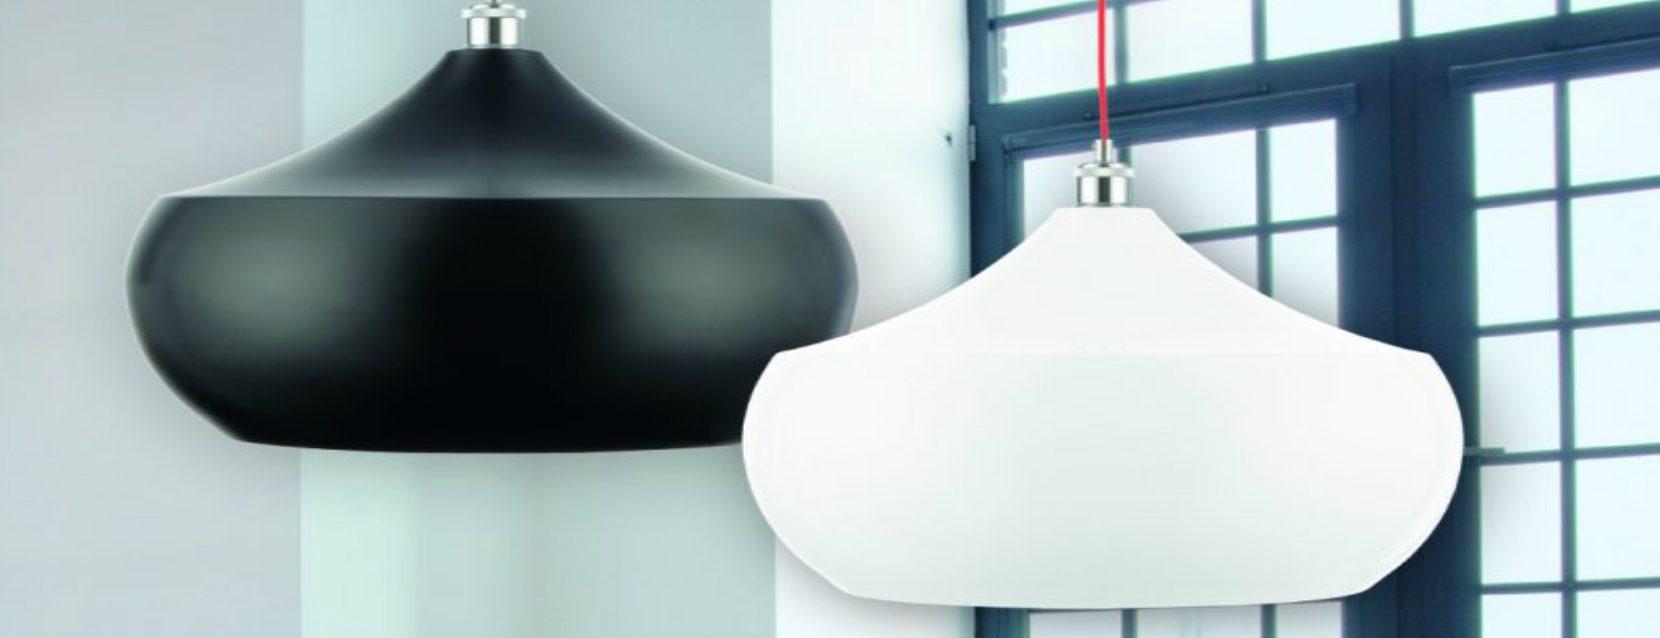 boiteau luminaire lampe sur pied lampe de plancher daino f obb with boiteau luminaire lampe sur. Black Bedroom Furniture Sets. Home Design Ideas